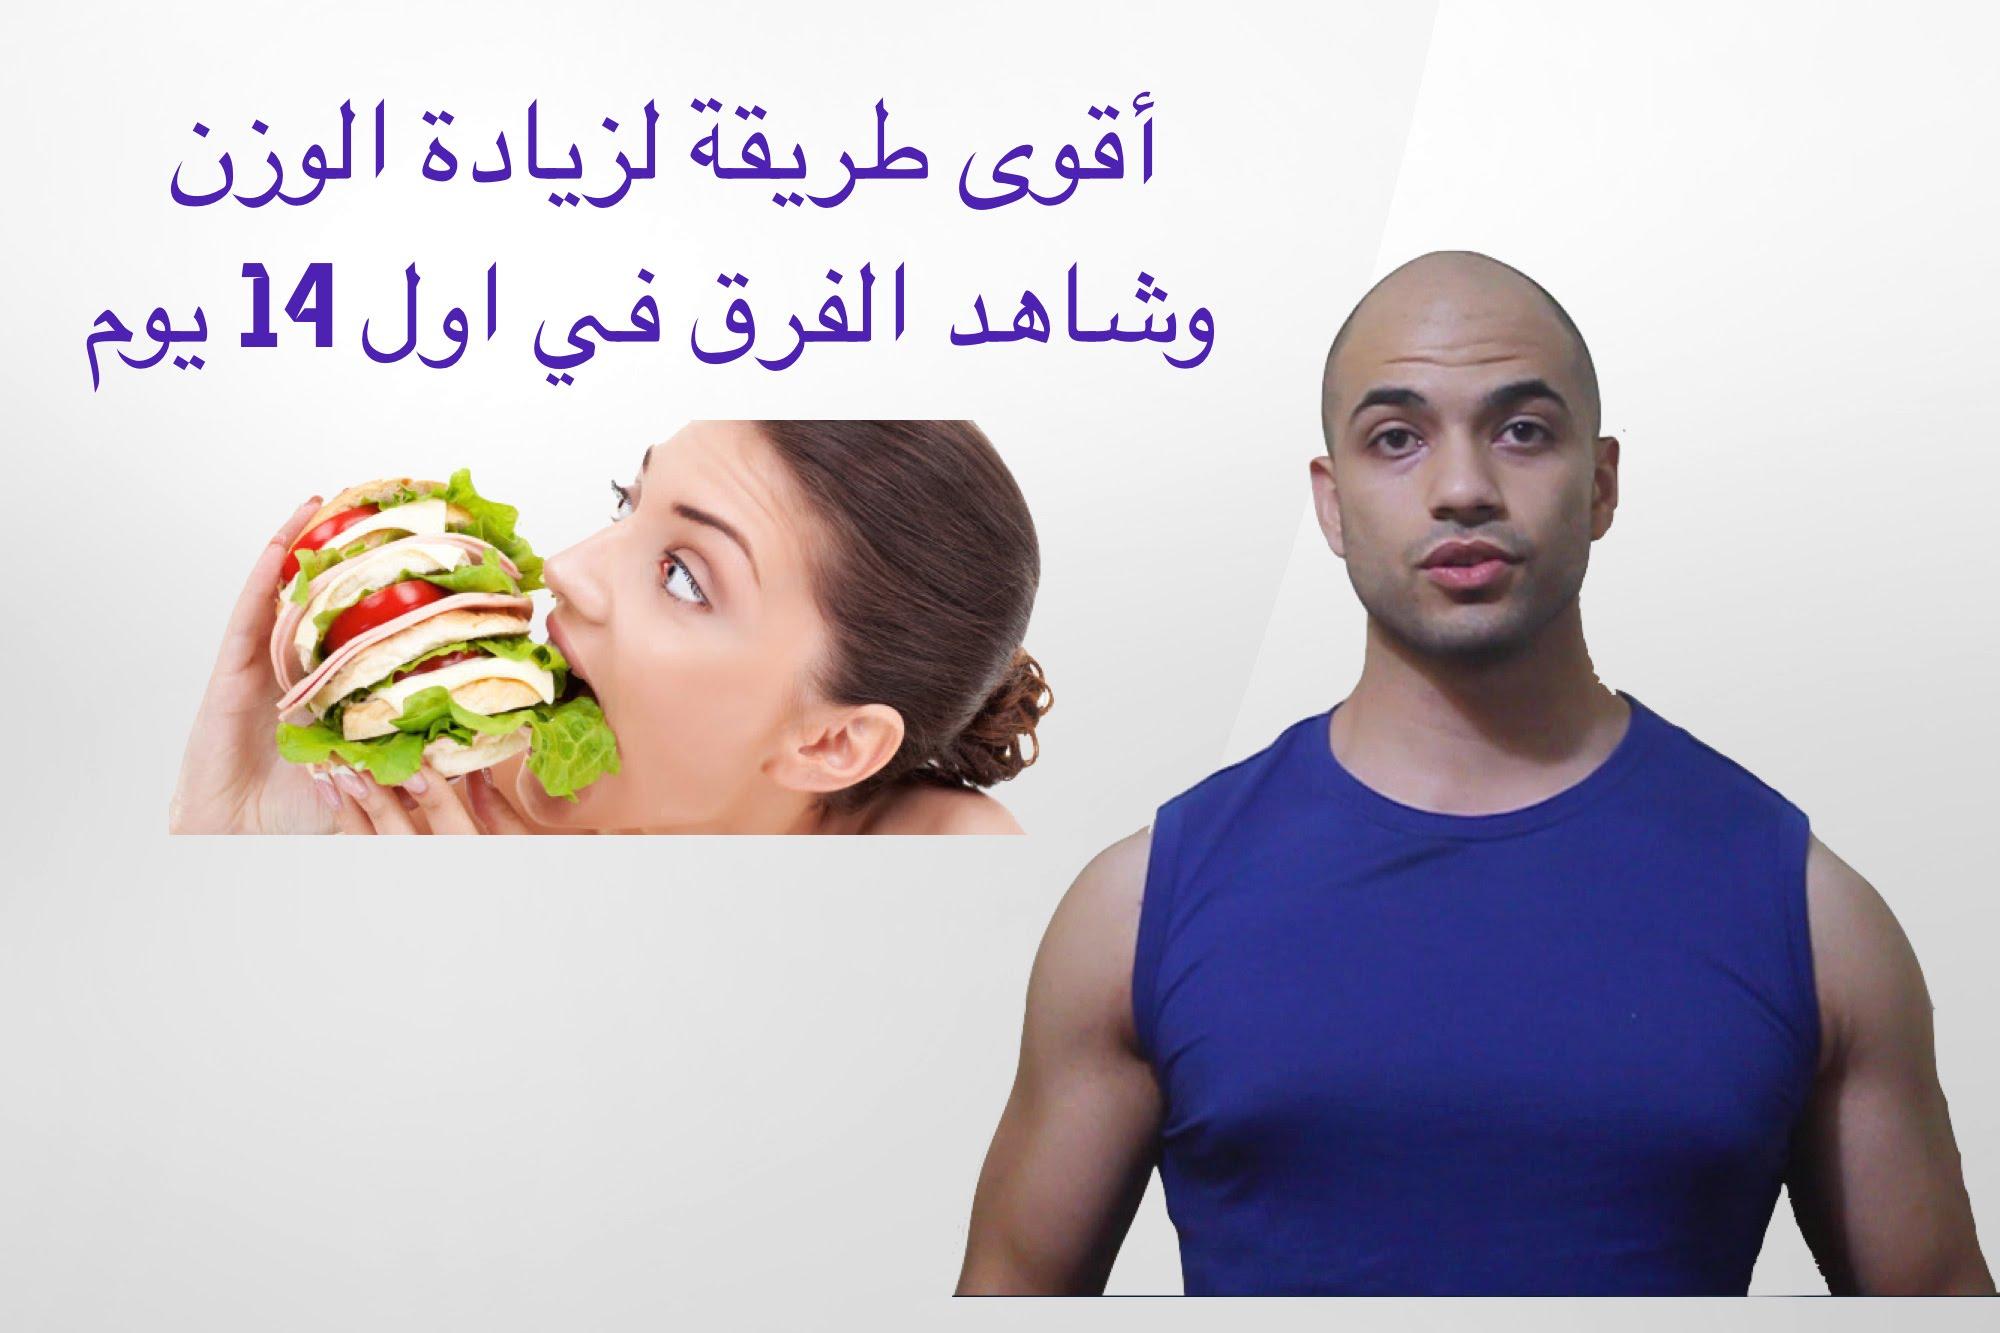 بالصور اسرع طريقة لزيادة الوزن , تعرف على احدث الطرق لزيادة الوزن 424 1